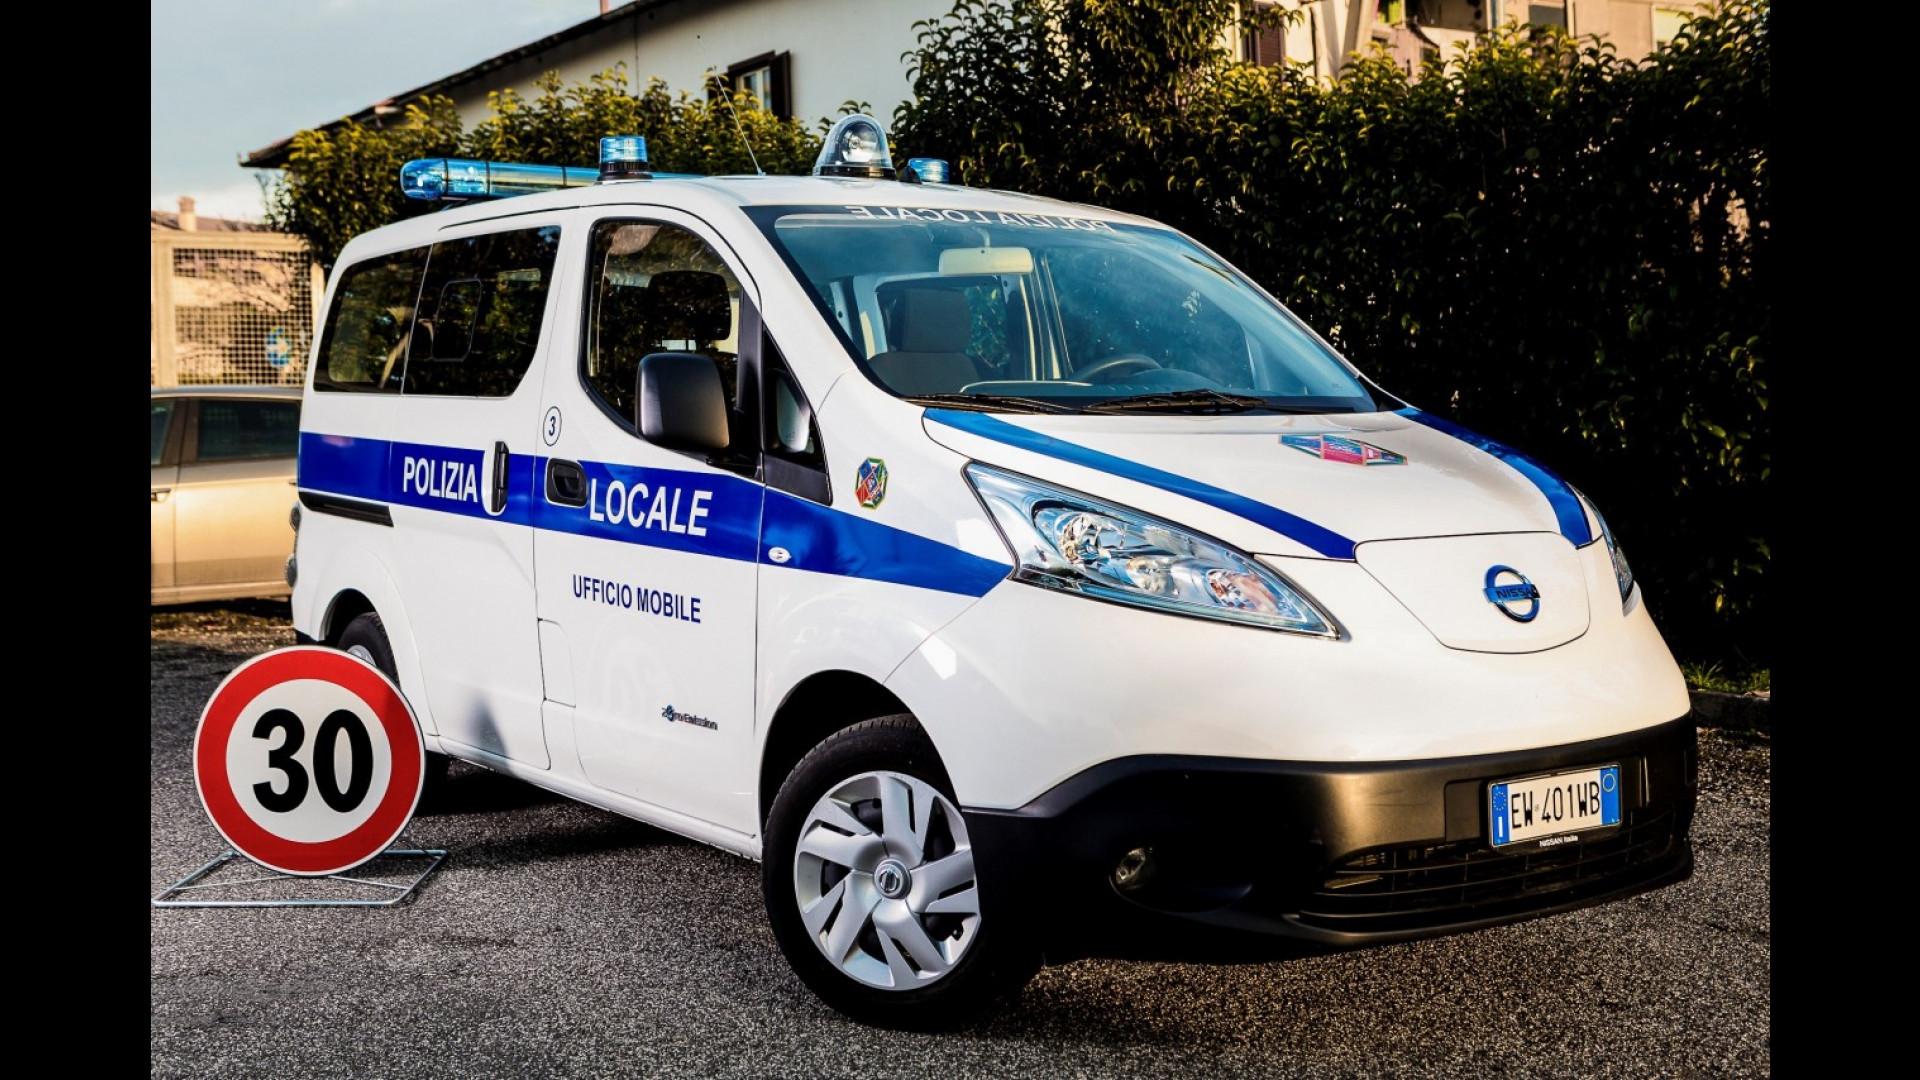 Schemi Elettrici Nissan : Nissan e nv il primo ufficio mobile elettrico al mondo